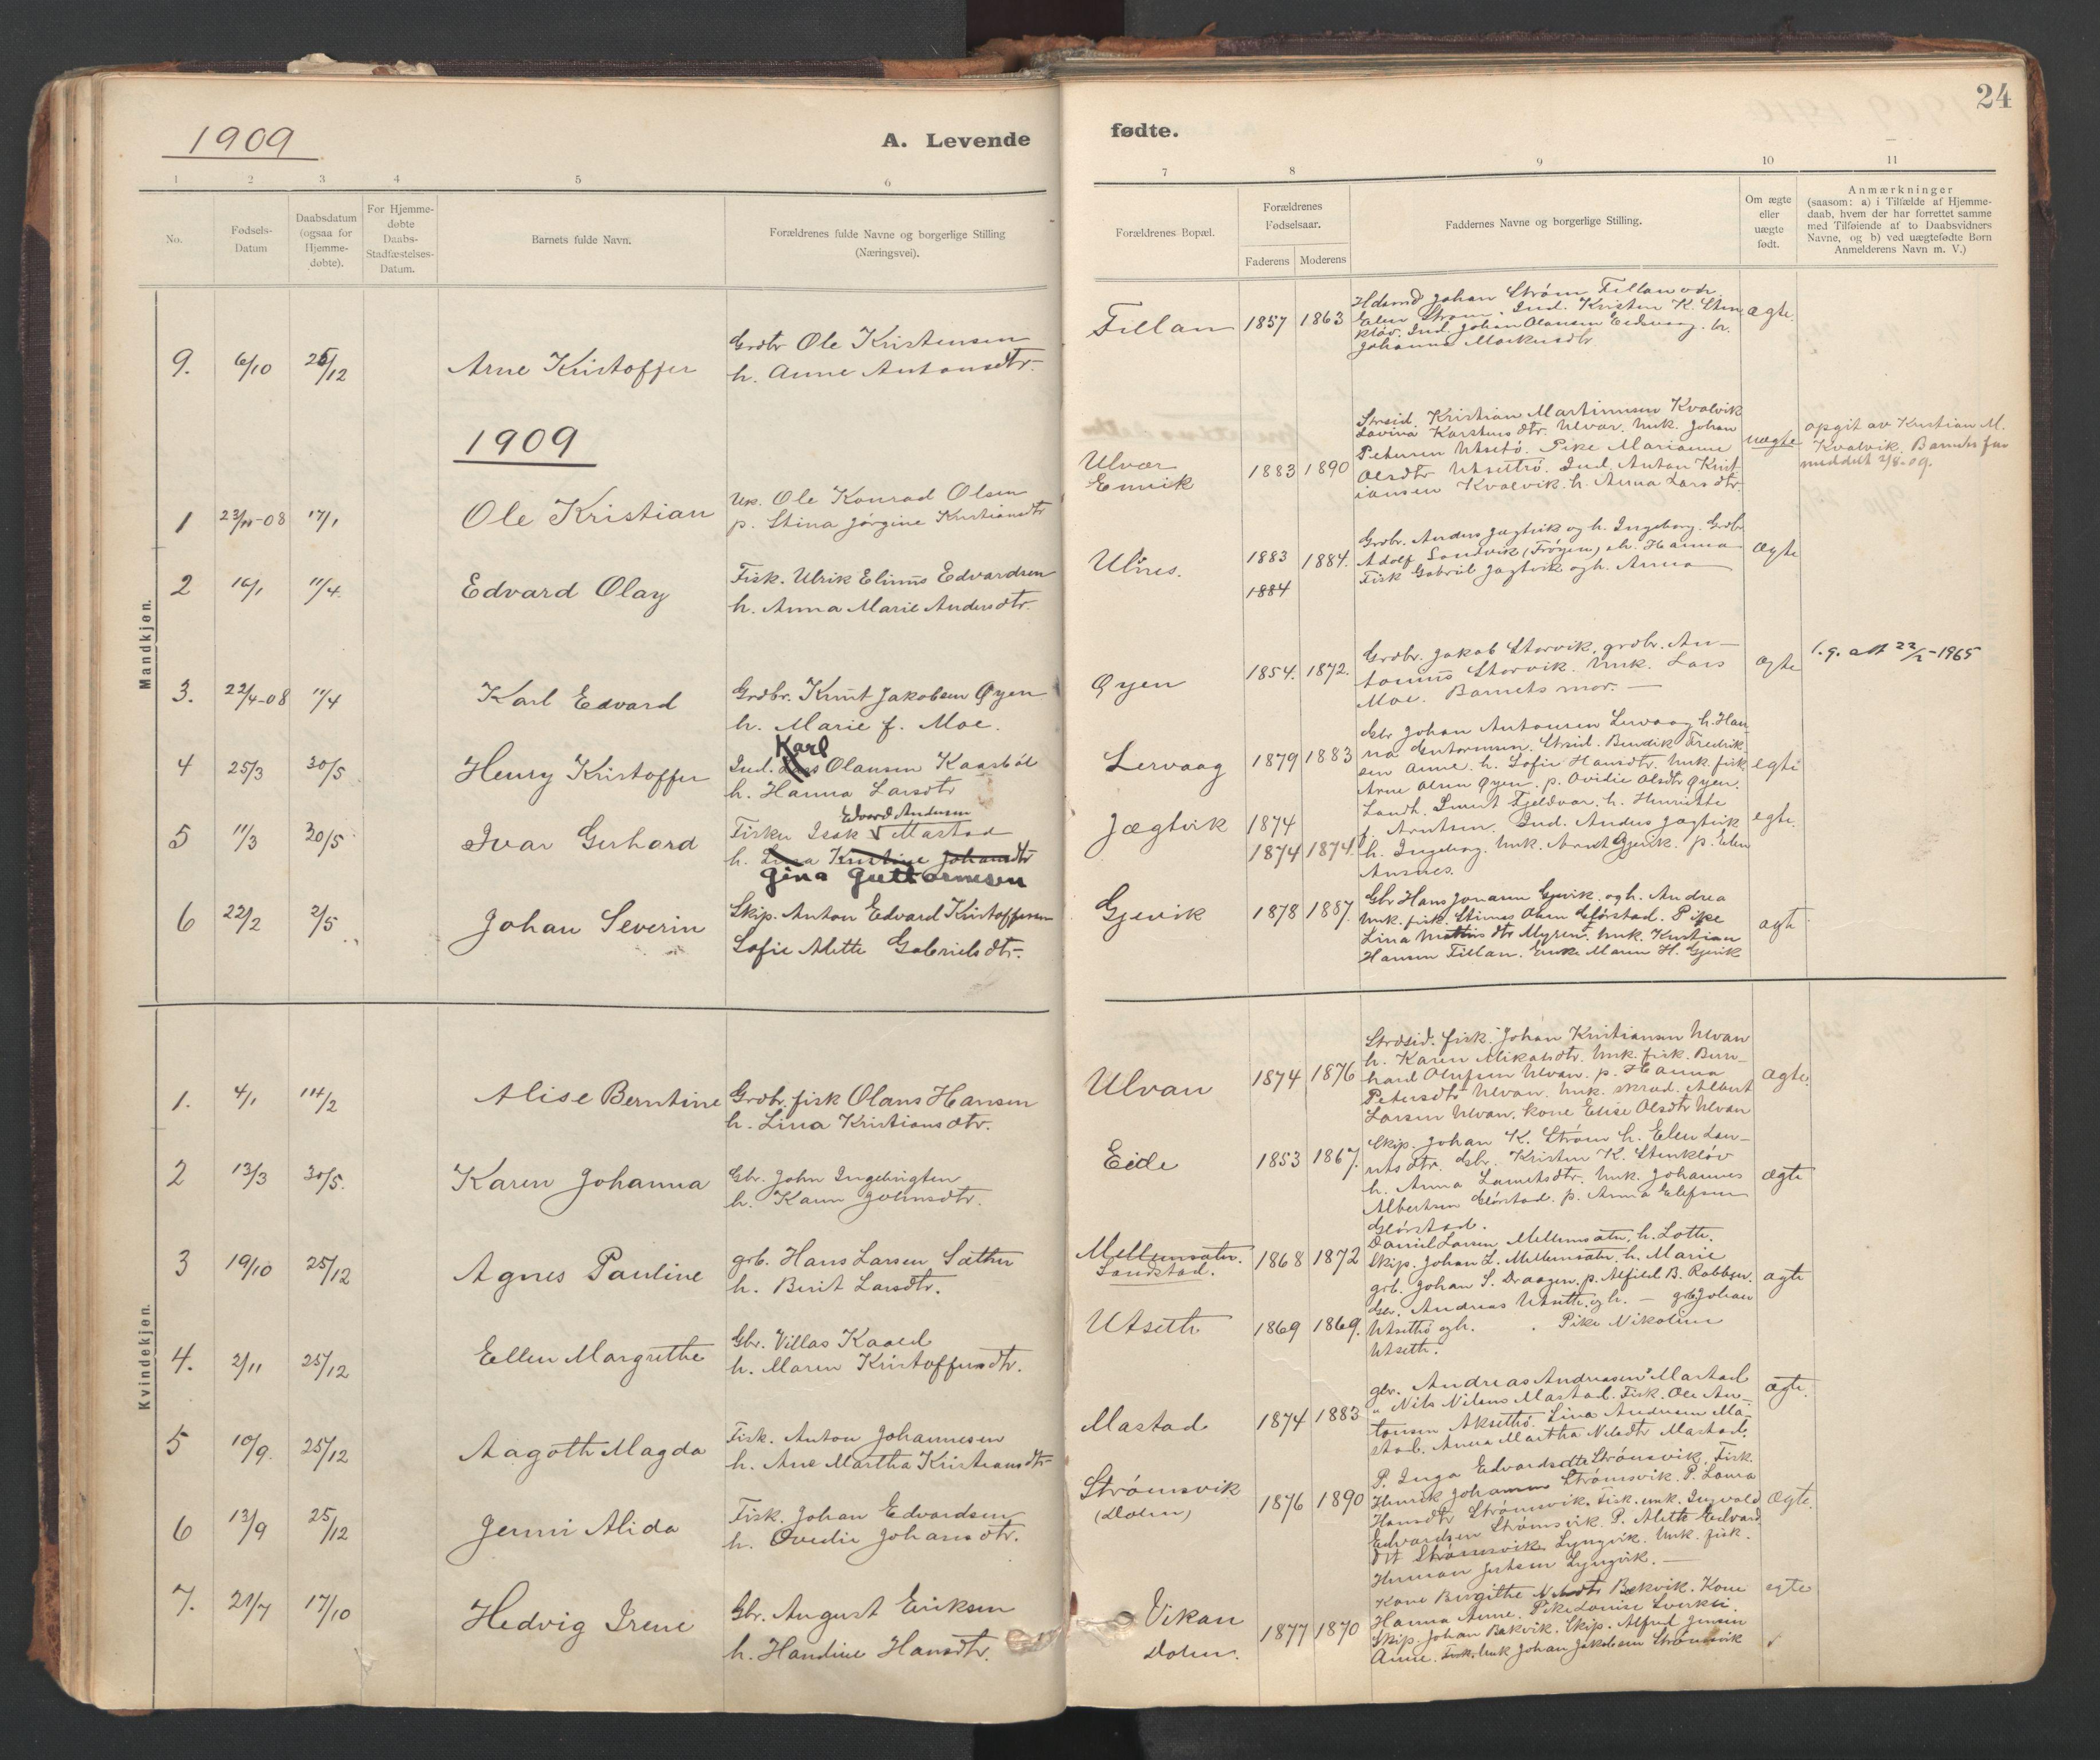 SAT, Ministerialprotokoller, klokkerbøker og fødselsregistre - Sør-Trøndelag, 637/L0559: Ministerialbok nr. 637A02, 1899-1923, s. 24